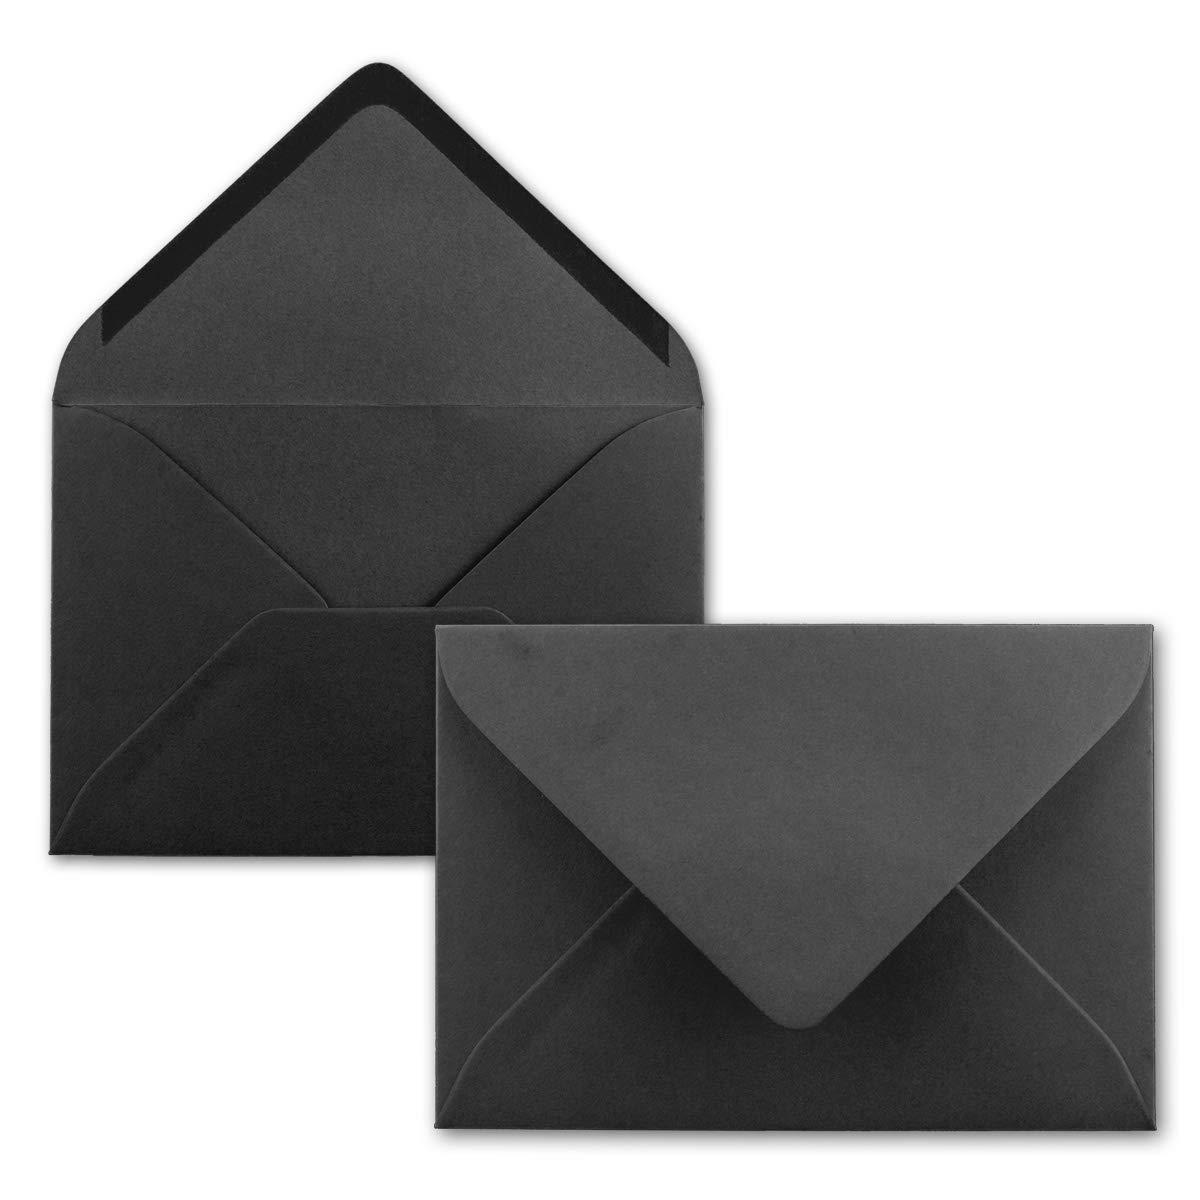 Neuser Buste per lettere, in colori vivaci, formato C6, dimensioni 162 x 114 mm, chiusura adesiva da inumidire. 50 Umschlä ge 39-Schwarz dimensioni162 x 114mm chiusura adesiva da inumidire. 50 Umschläge 39-Schwarz